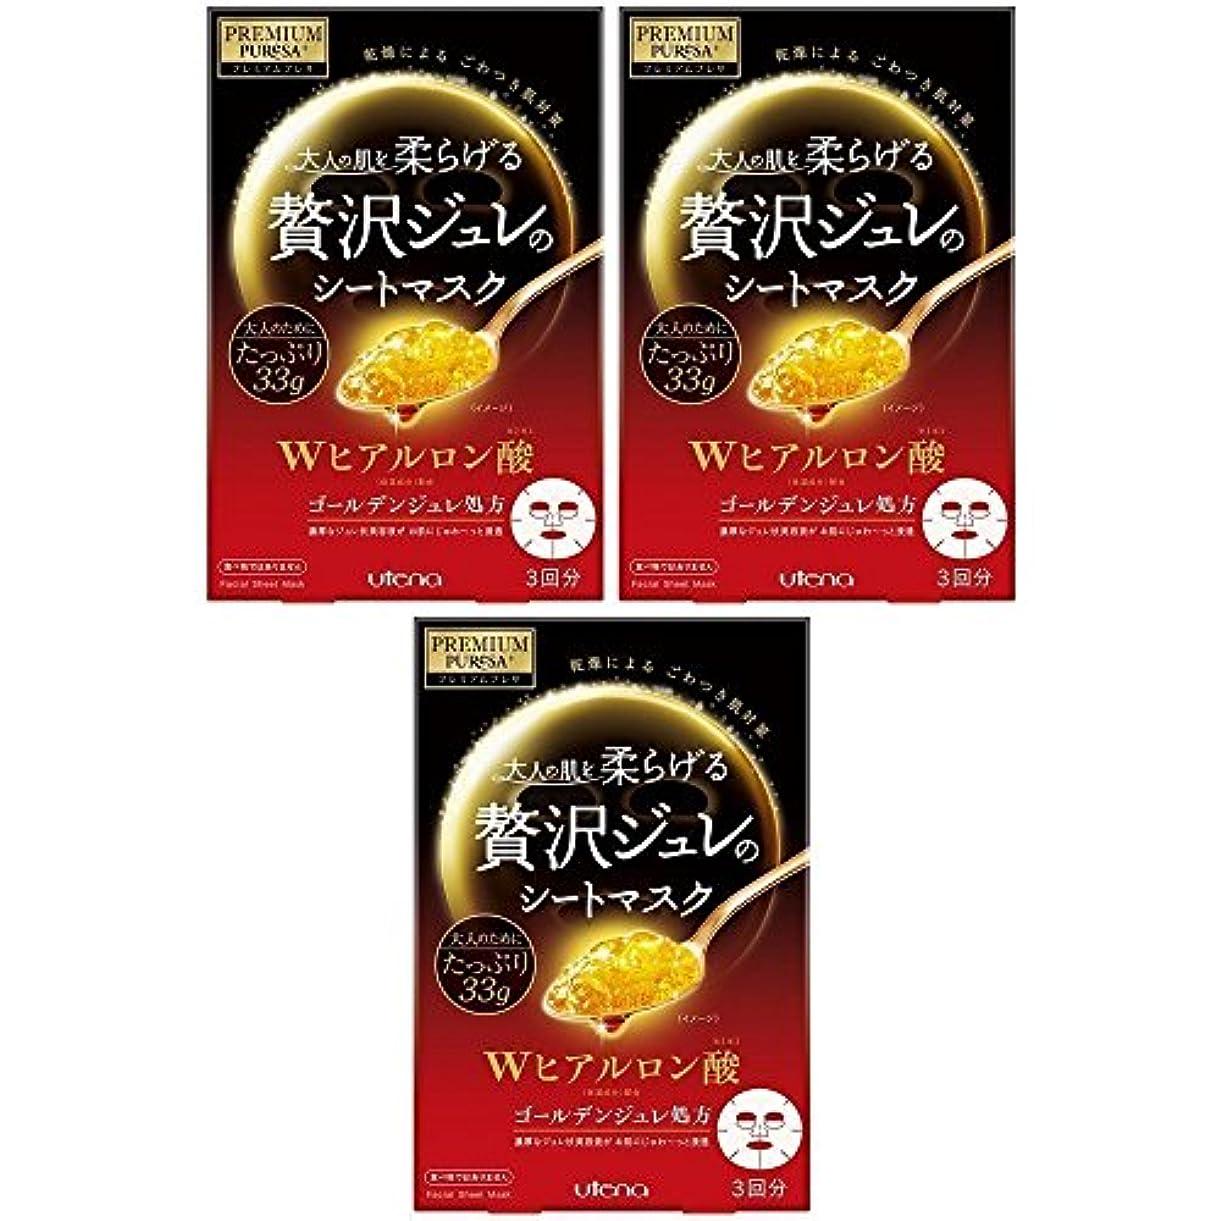 【セット品】PREMIUM PUReSA(プレミアムプレサ) ゴールデンジュレマスク ヒアルロン酸 33g×3枚入 (3個)